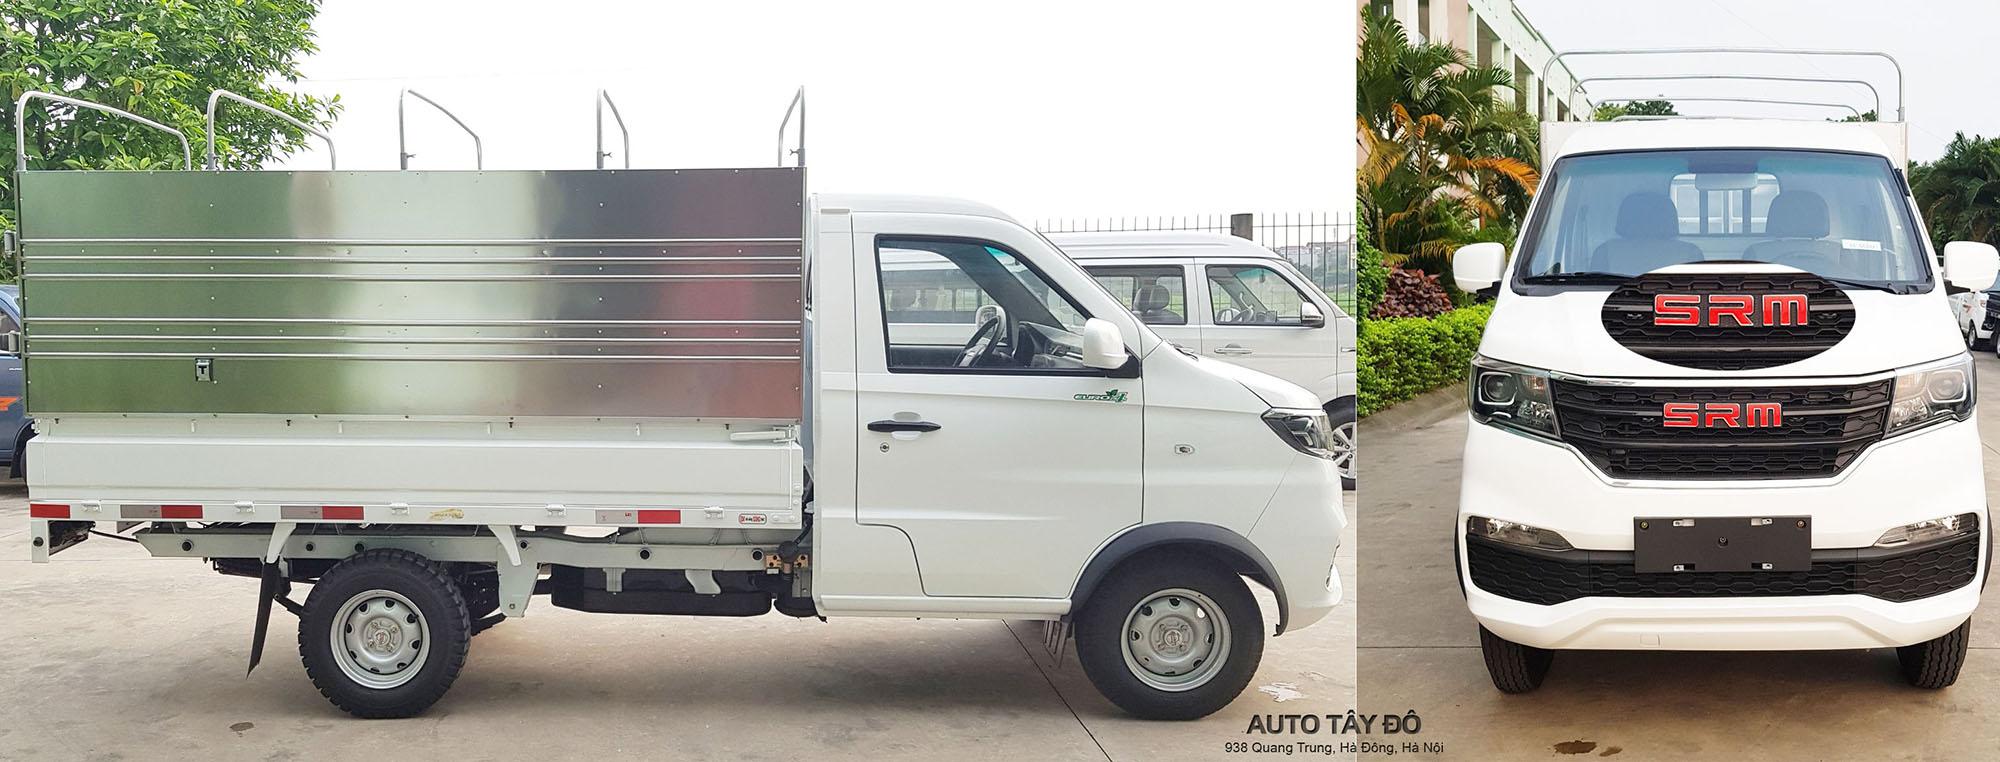 thiet-ke-kieu-dang-xe-srm-930